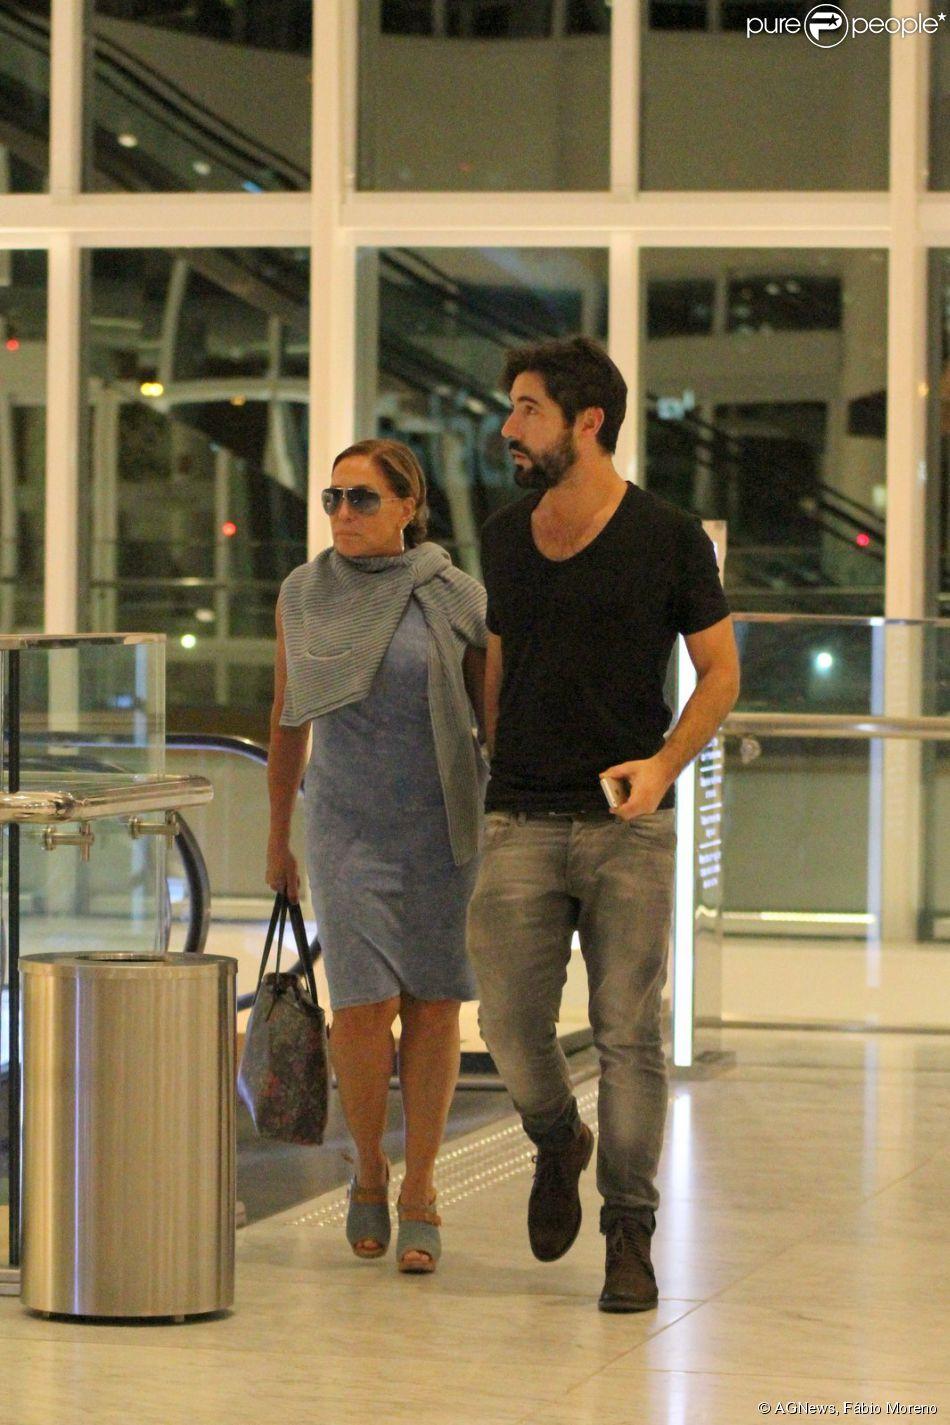 Susana Vieira sai para jantar com o namorado, Sandro Pedroso. Casal também foi ao cinema no shopping VilageMall, na Zona Oeste do Rio de Janeiro, na noite desta quarta-feira, 1º de abril de 2015